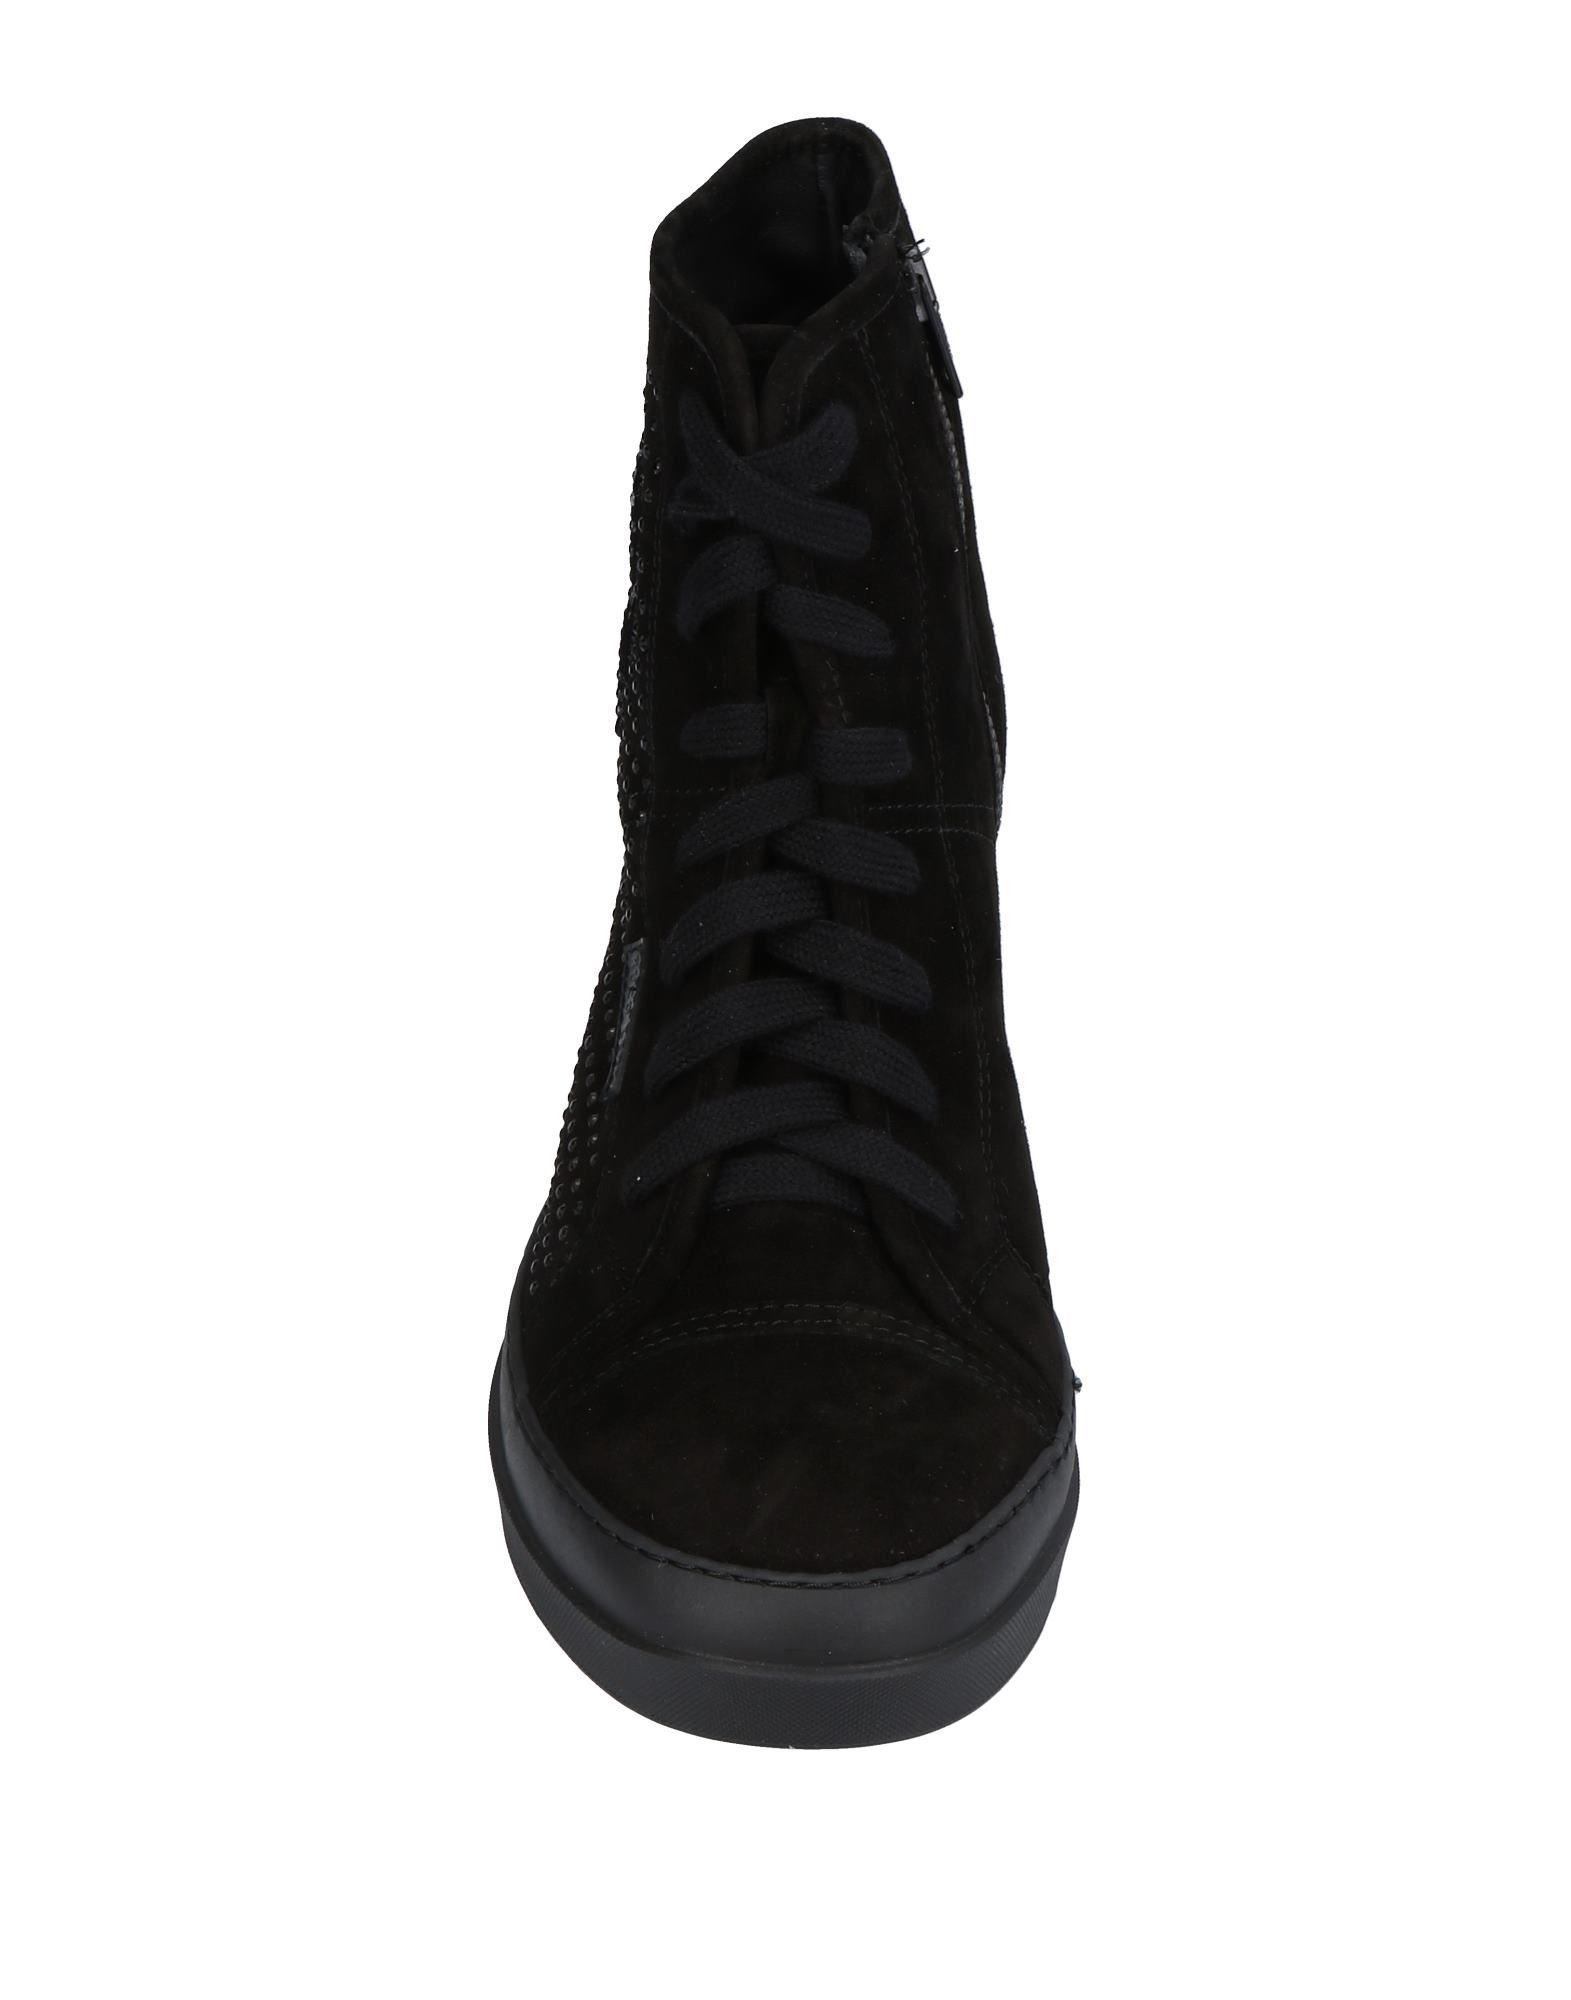 Ruco Line Damen Sneakers Damen Line Gutes Preis-Leistungs-Verhältnis, es lohnt sich 7d6618